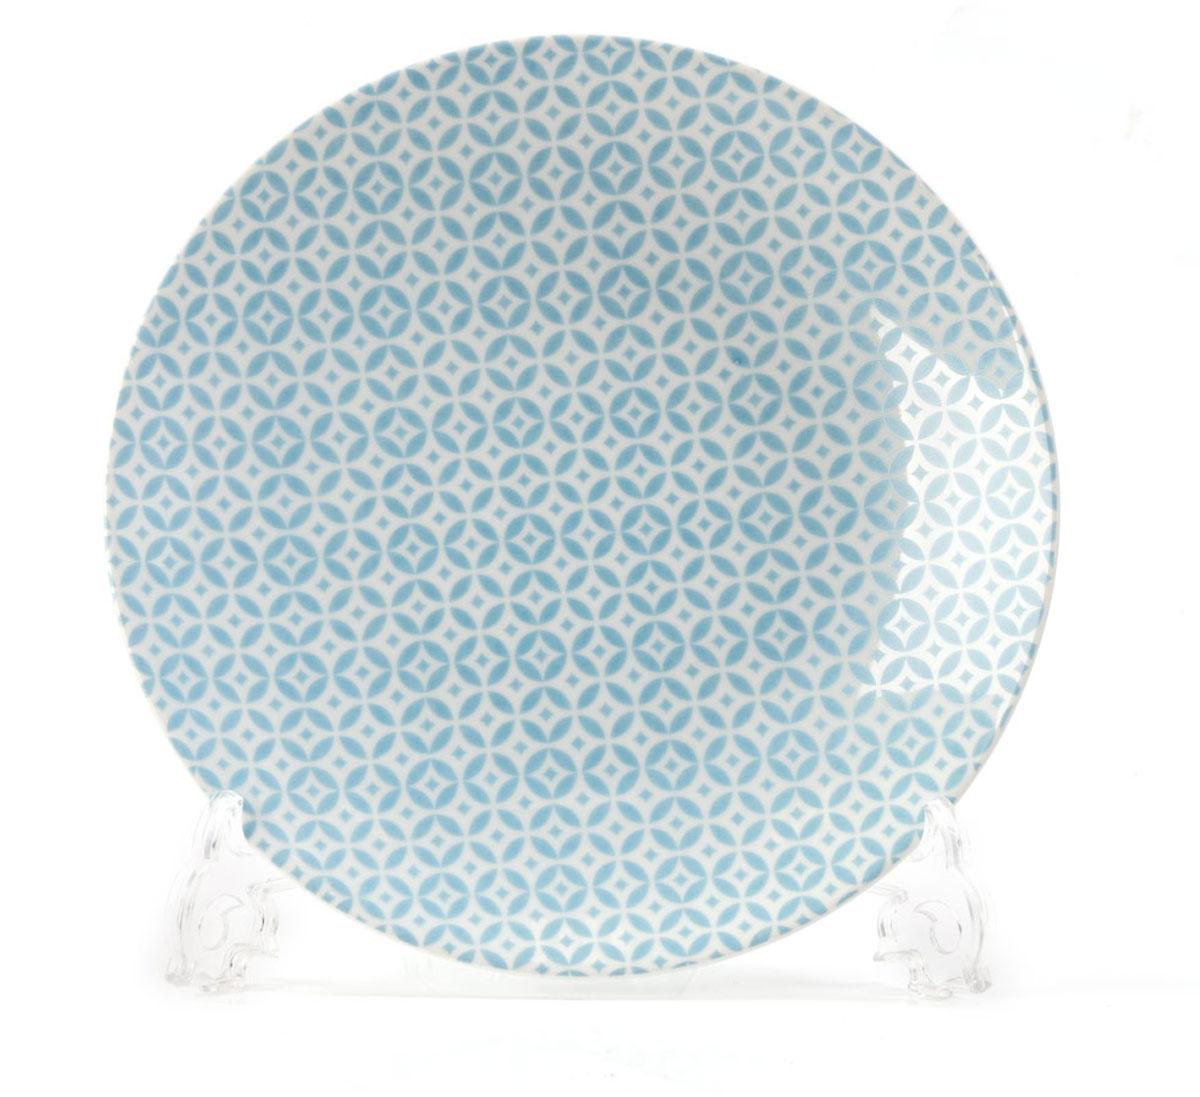 Тарелка La Rose des Sables Витон, цвет: голубой, белый, диаметр 21 см115510Тарелка La Rose des Sables Витон выполнена из высококачественного тунисского фарфора, изготовленного из уникальной белой глины. На всех изделиях La Rose des Sables можно увидеть маркировку Pate de Limoges. Это означает, что сырье для изготовления фарфора добывают во французской провинции Лимож, и качество соответствует высоким европейским стандартам. Все производство расположено в Тунисе. Особые свойства этой глины, открытые еще в 18 веке, позволяют создать удивительно тонкую, легкую и при этом прочную посуду. Благодаря двойному термическому обжигу фарфор обладает высокой ударопрочностью, стойкостью к сколам и трещинам, жаропрочностью и великолепным блеском глазури. Коллекция Витон - это изысканная классика, дополненная красивым орнаментом по всей поверхности. Эта фарфоровая посуда станет настоящим украшением вашего стола. Прекрасный вариант как для праздничной, так и для повседневной сервировки стола. Можно использовать в СВЧ печи и мыть в посудомоечной машине.